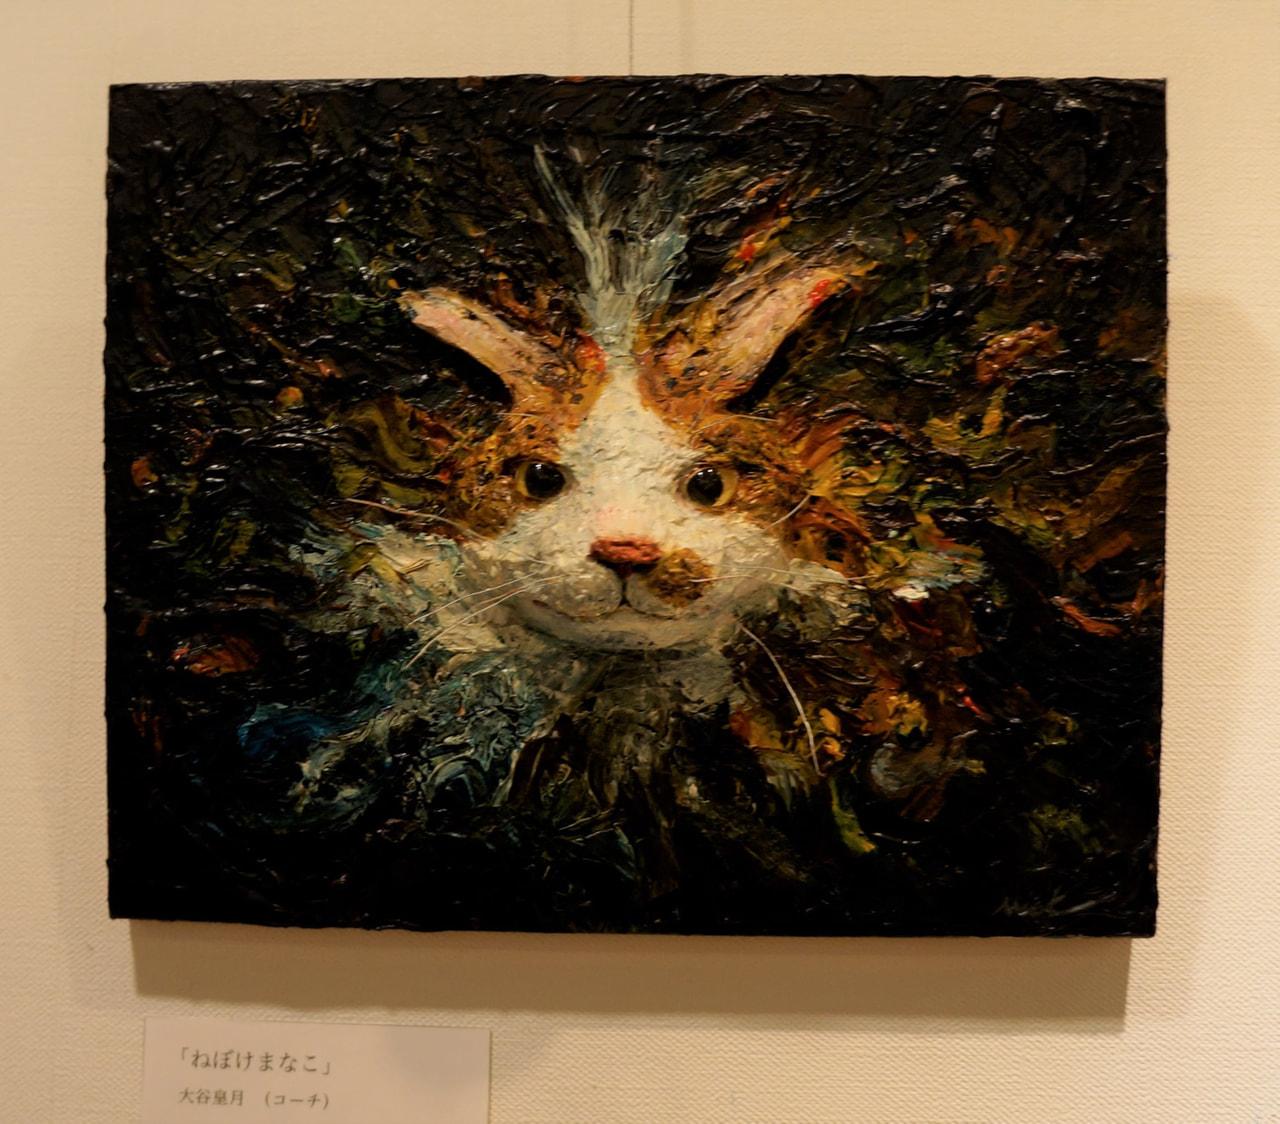 根津のアートなカレー屋さんで、美術部の作品展示中